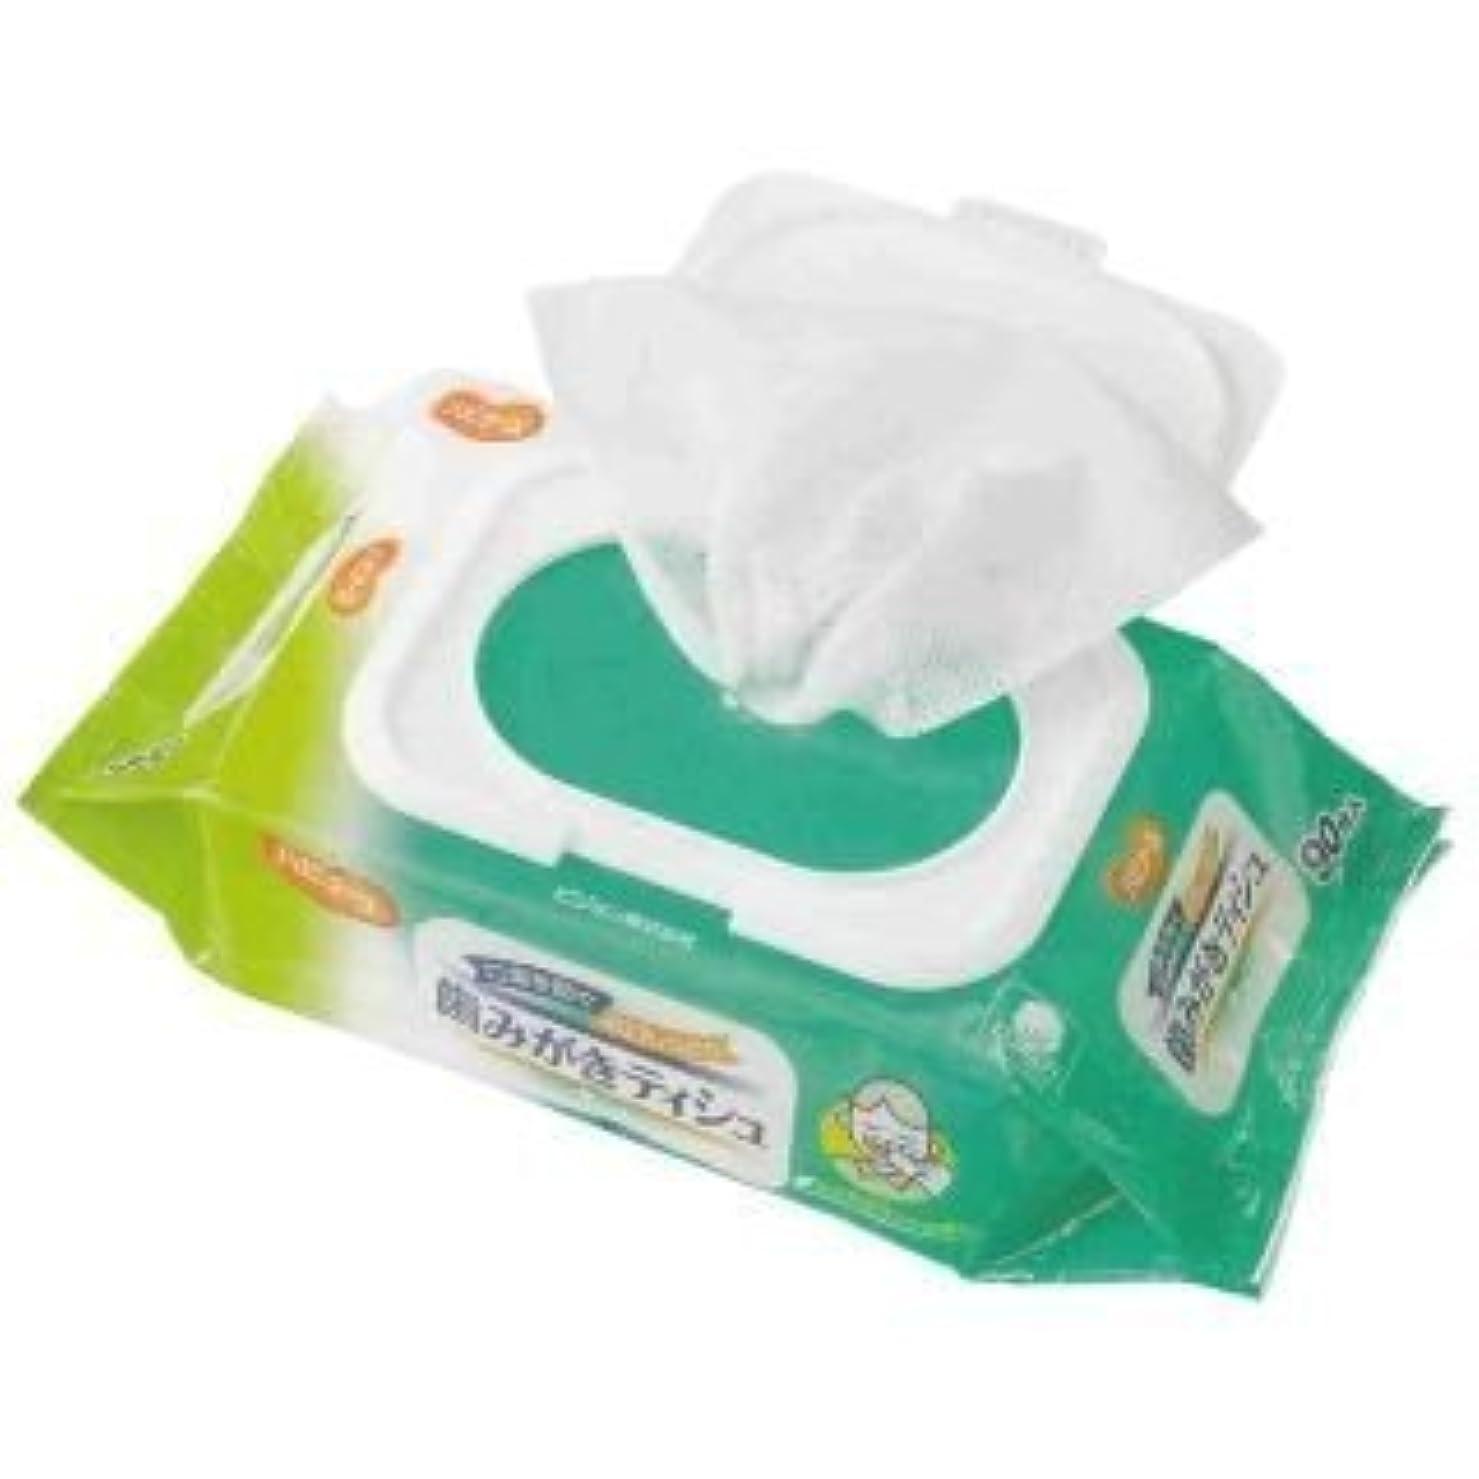 口臭を防ぐ&お口しっとり!ふきとりやすいコットンメッシュシート!お口が乾燥して、お口の臭いが気になるときに!歯みがきティシュ 90枚入【2個セット】